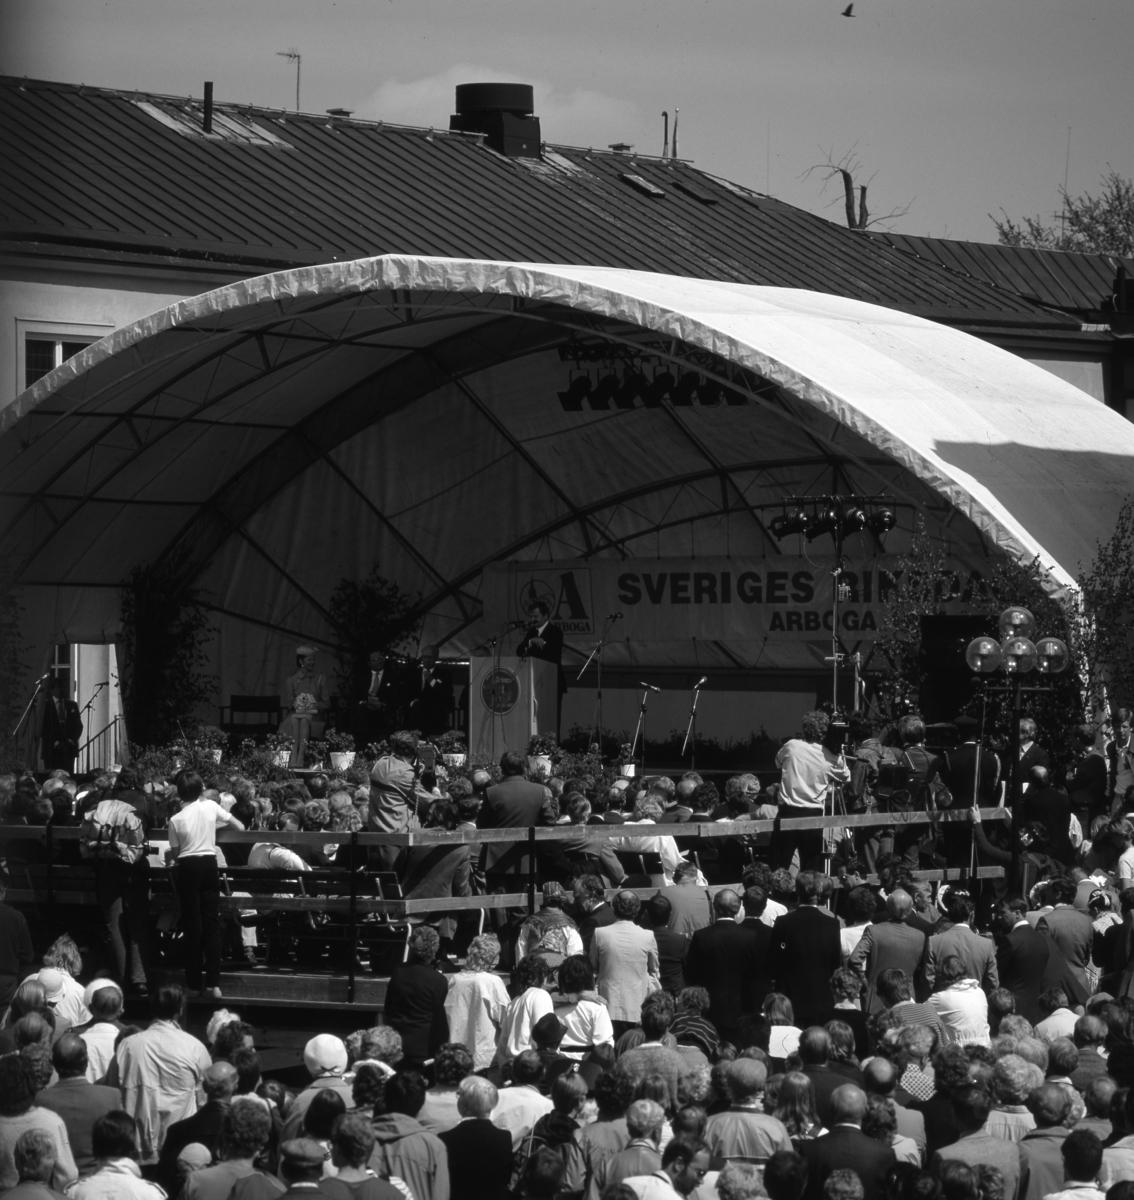 Statsminister Olof Palme talar på 550-årsjubileet av Sveriges första riksdag. På scenen sitter drottning Silvia, kung Carl XVl Gustaf, talman Ingemund Bengtsson och Bertil Karlsson (skymd). Journalisterna filmar och fotograferar. Allmänheten trängs på Stora torget. Scenen är uppförd på rådhusets innegård. Ovanför scenen är en tältkupol monterad. Riksdagsjubileet 1985